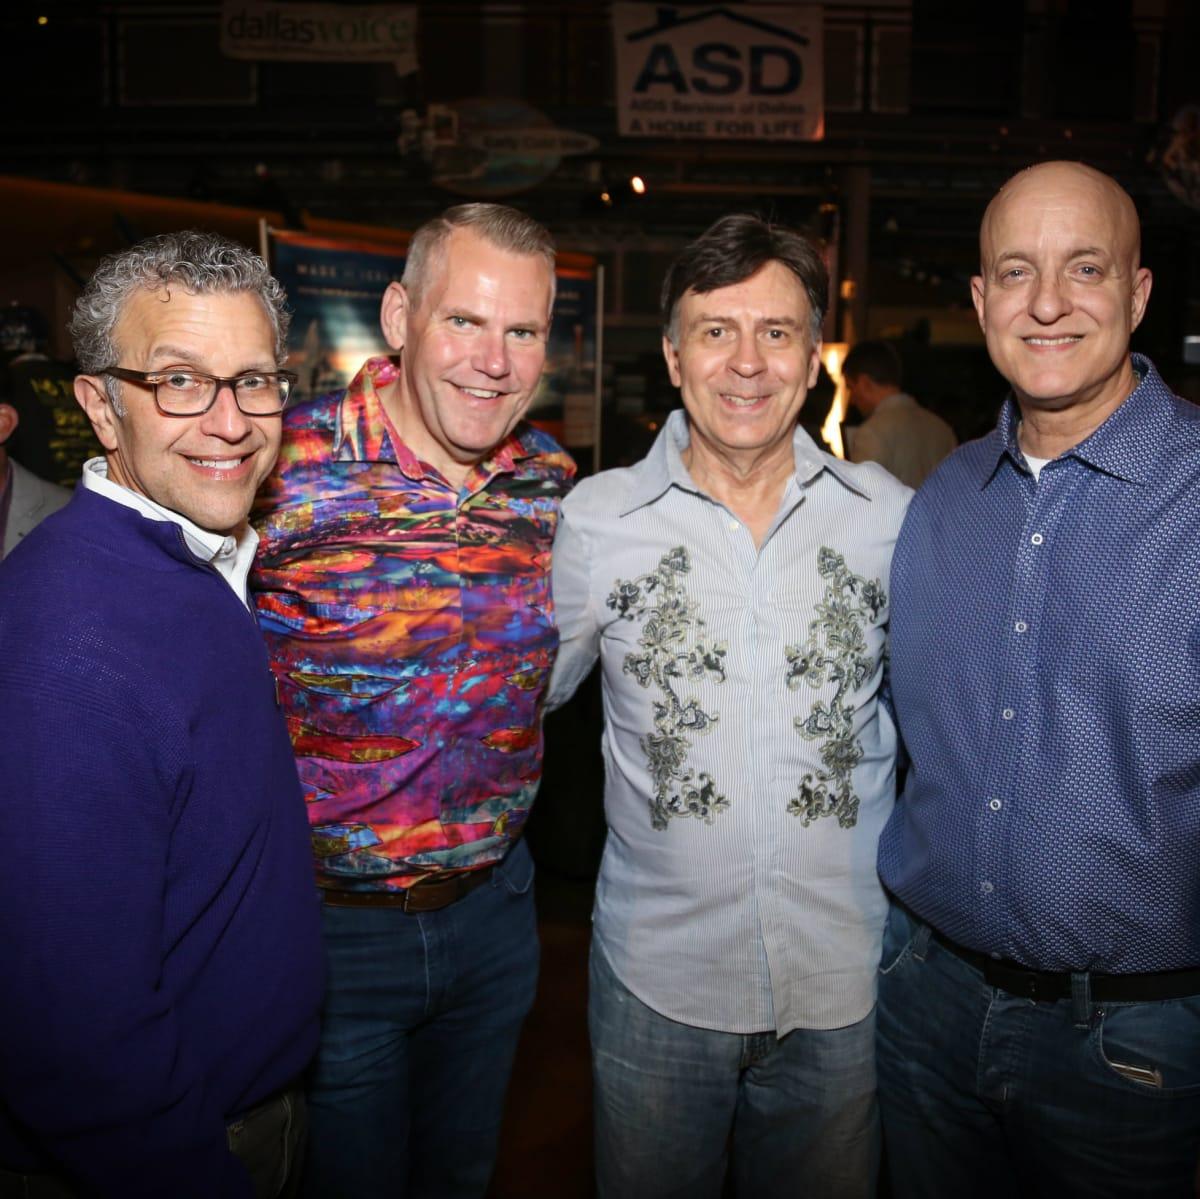 Dan Cohen, Will Dooley, Don Geiser, Marty Ruben